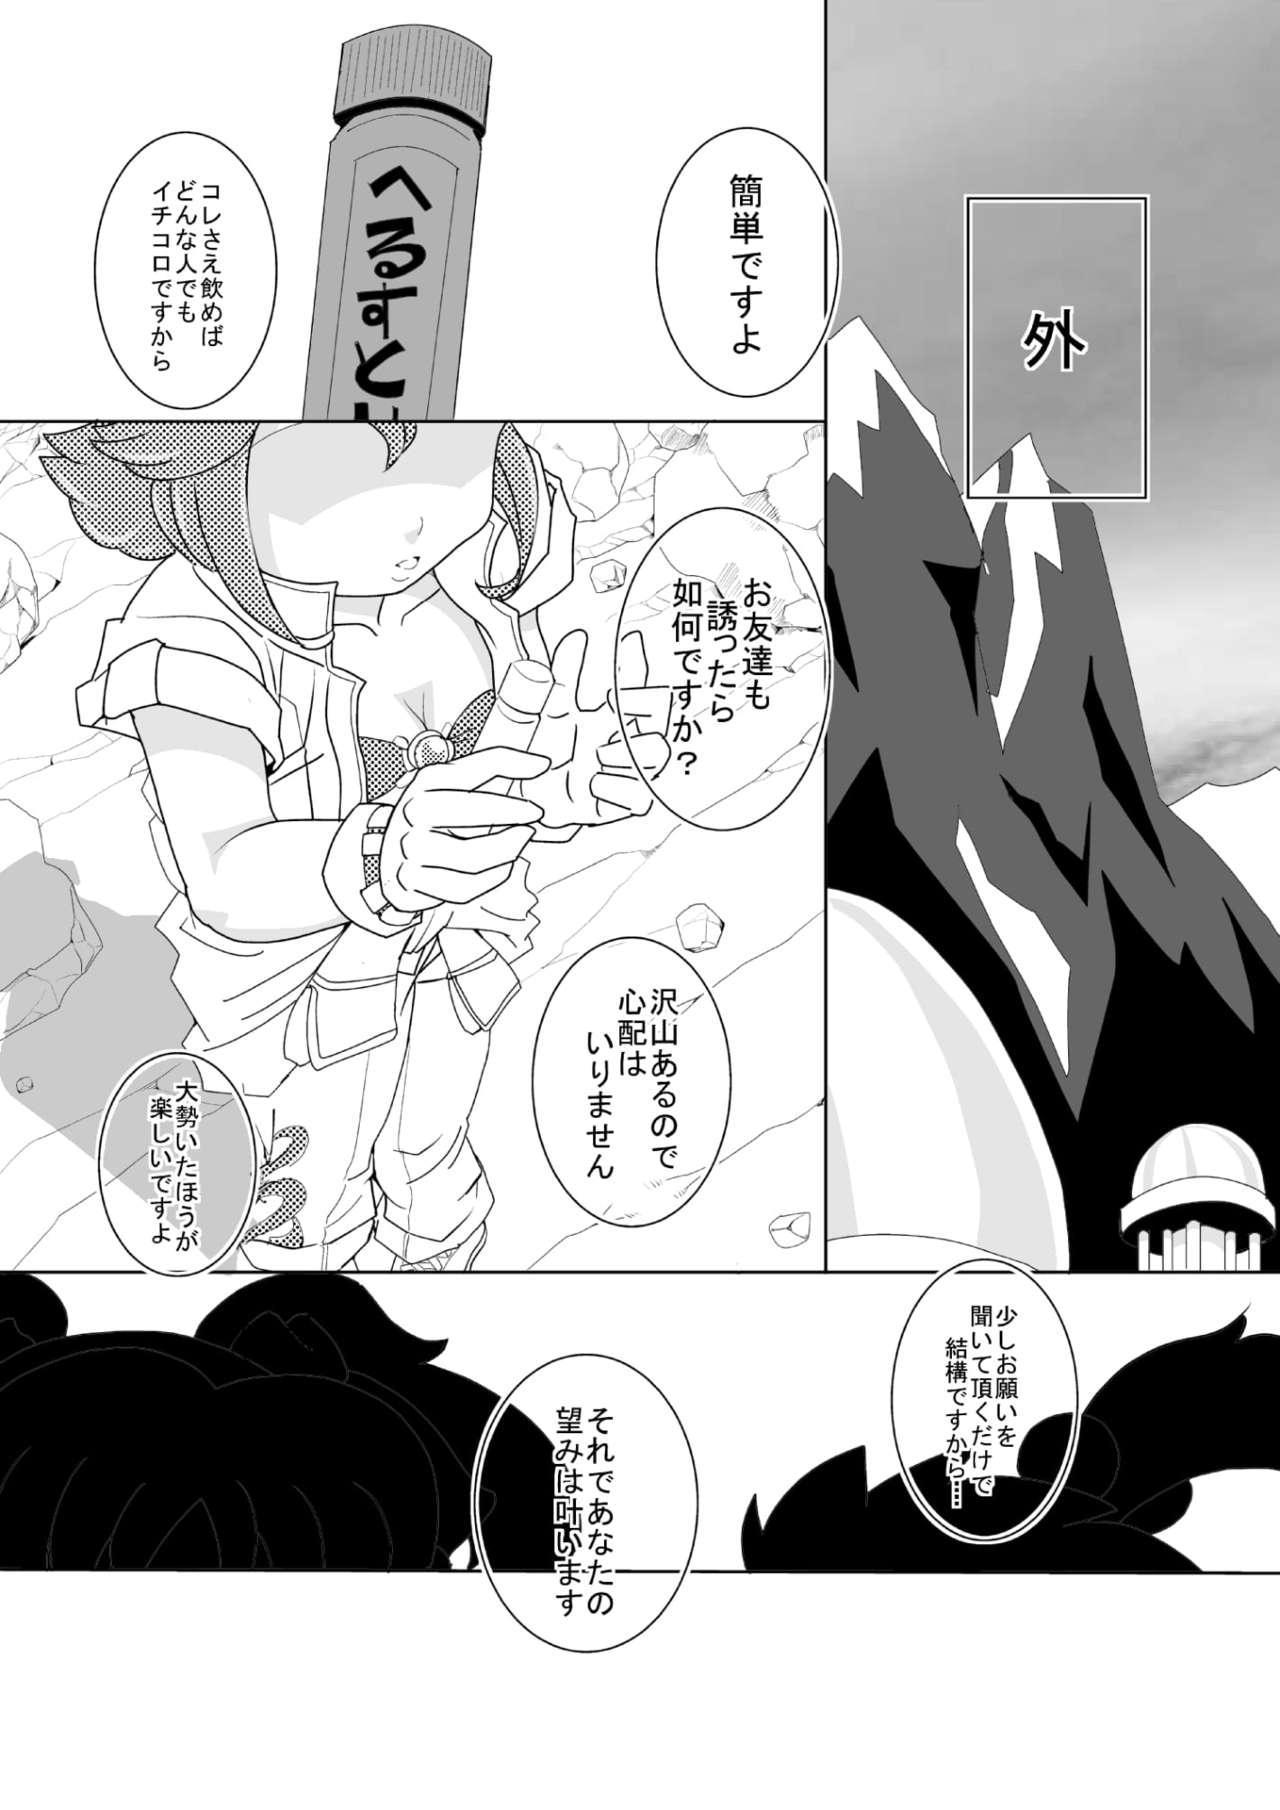 [Seishimentai (Syouryuupen)] Mentananako Z - Ciony-chan Hakai Hen (Super Robot Taisen) 4